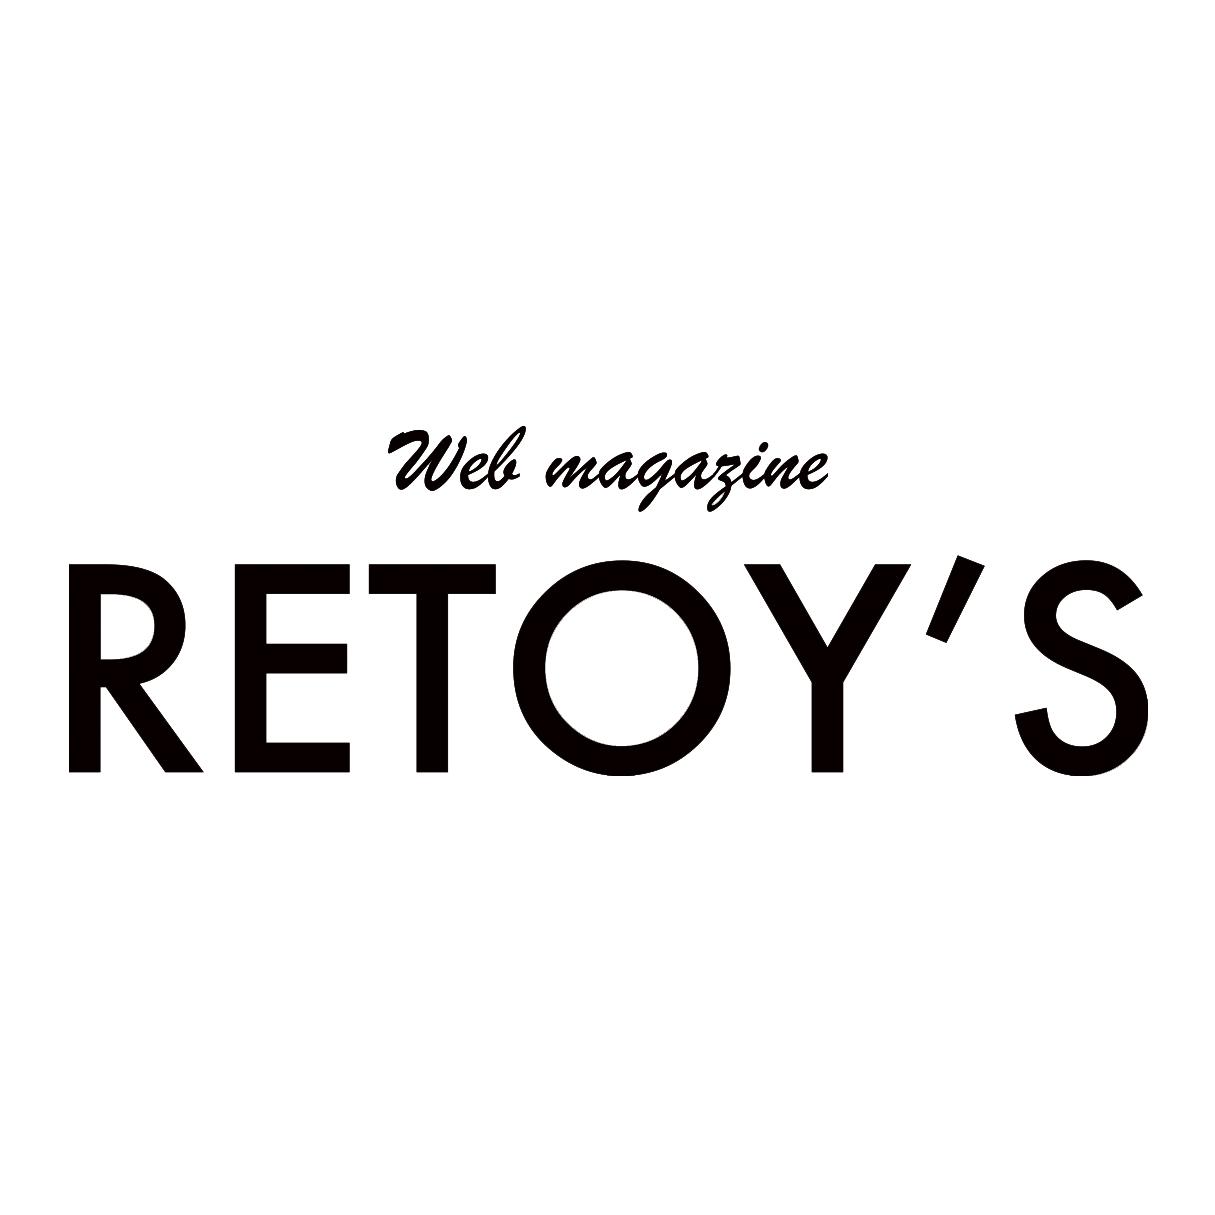 合同会社RETOY'Sのロゴ写真